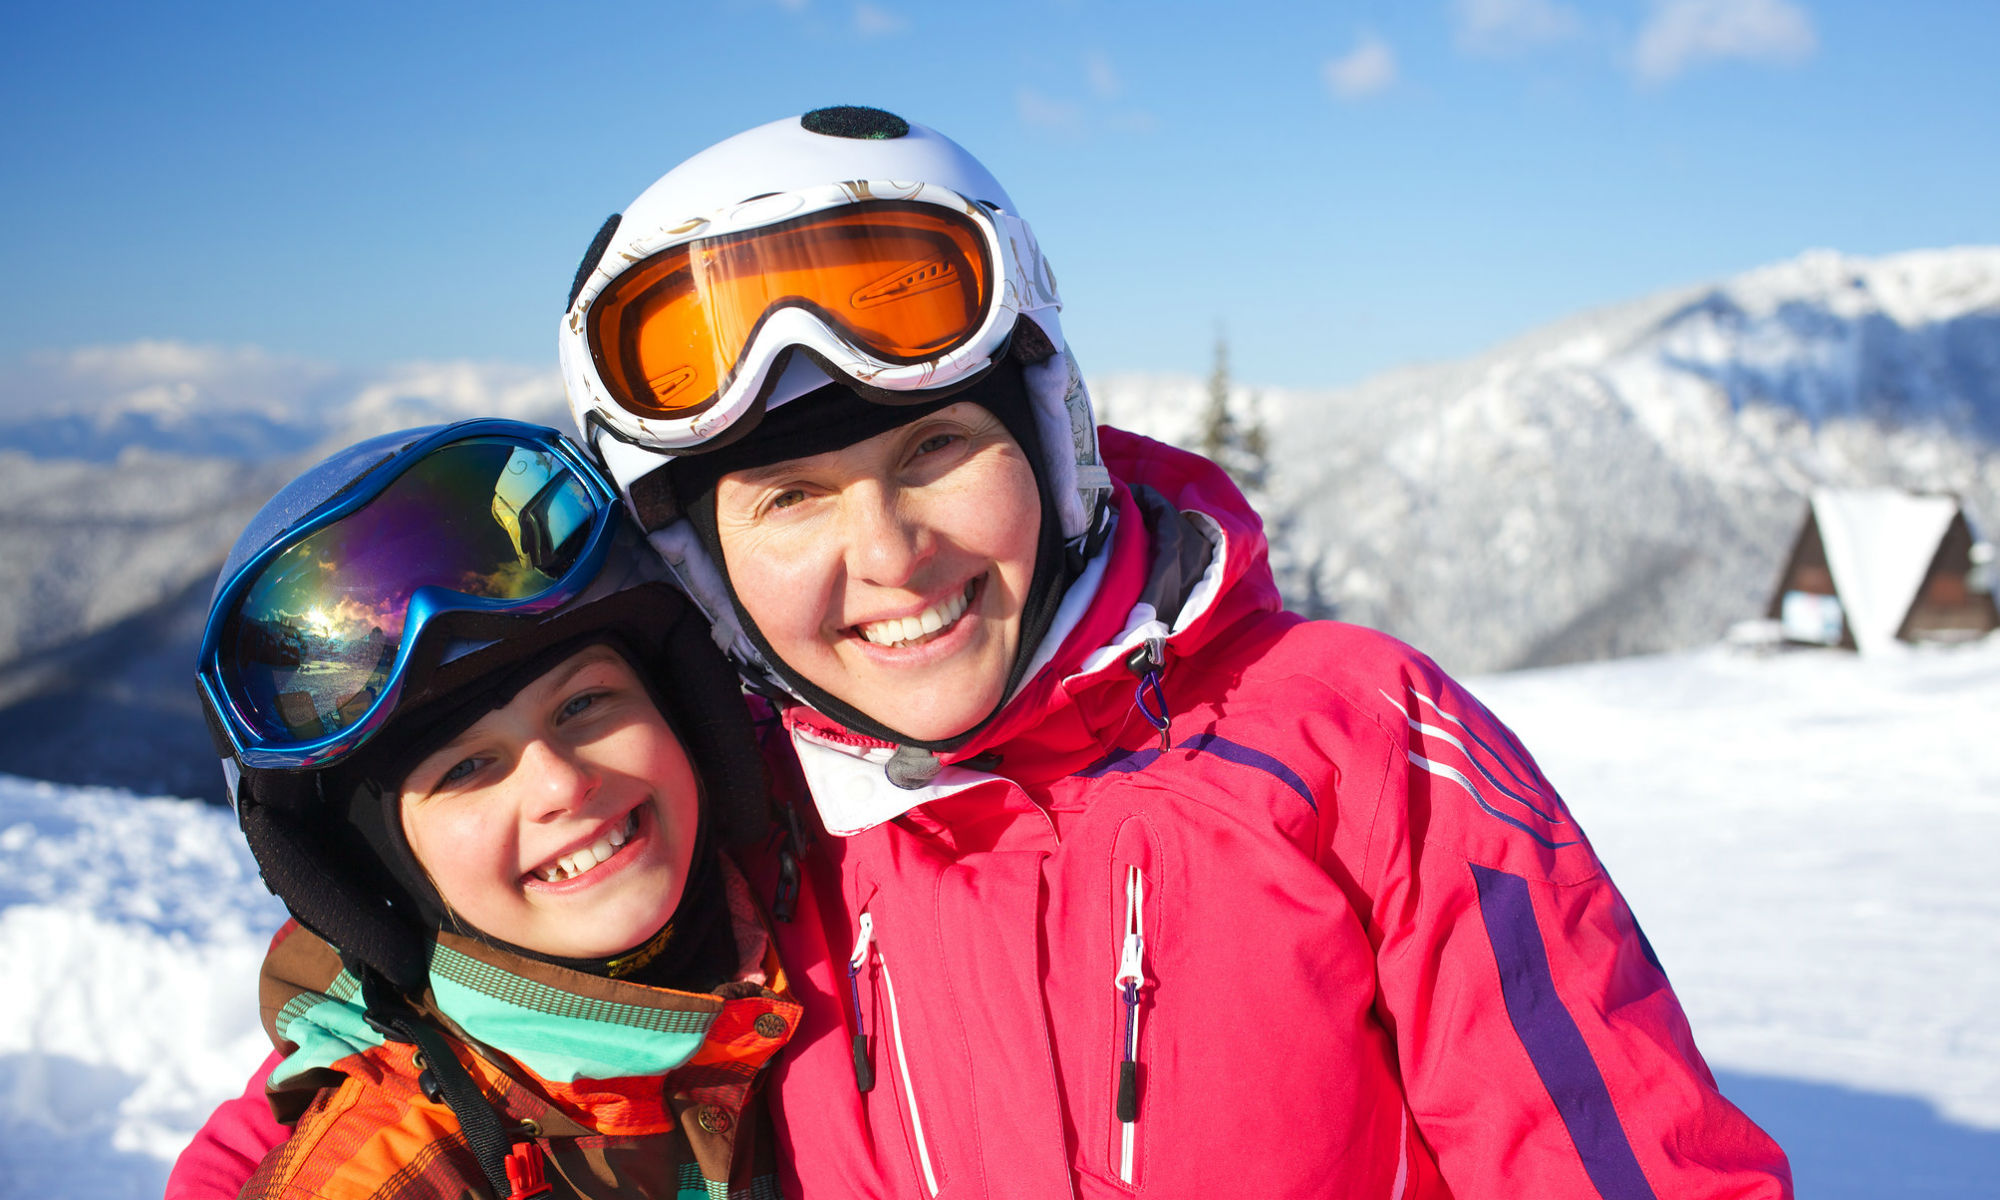 Une mère et sa fille adolescente posent tout sourire sur les pistes enneigées.